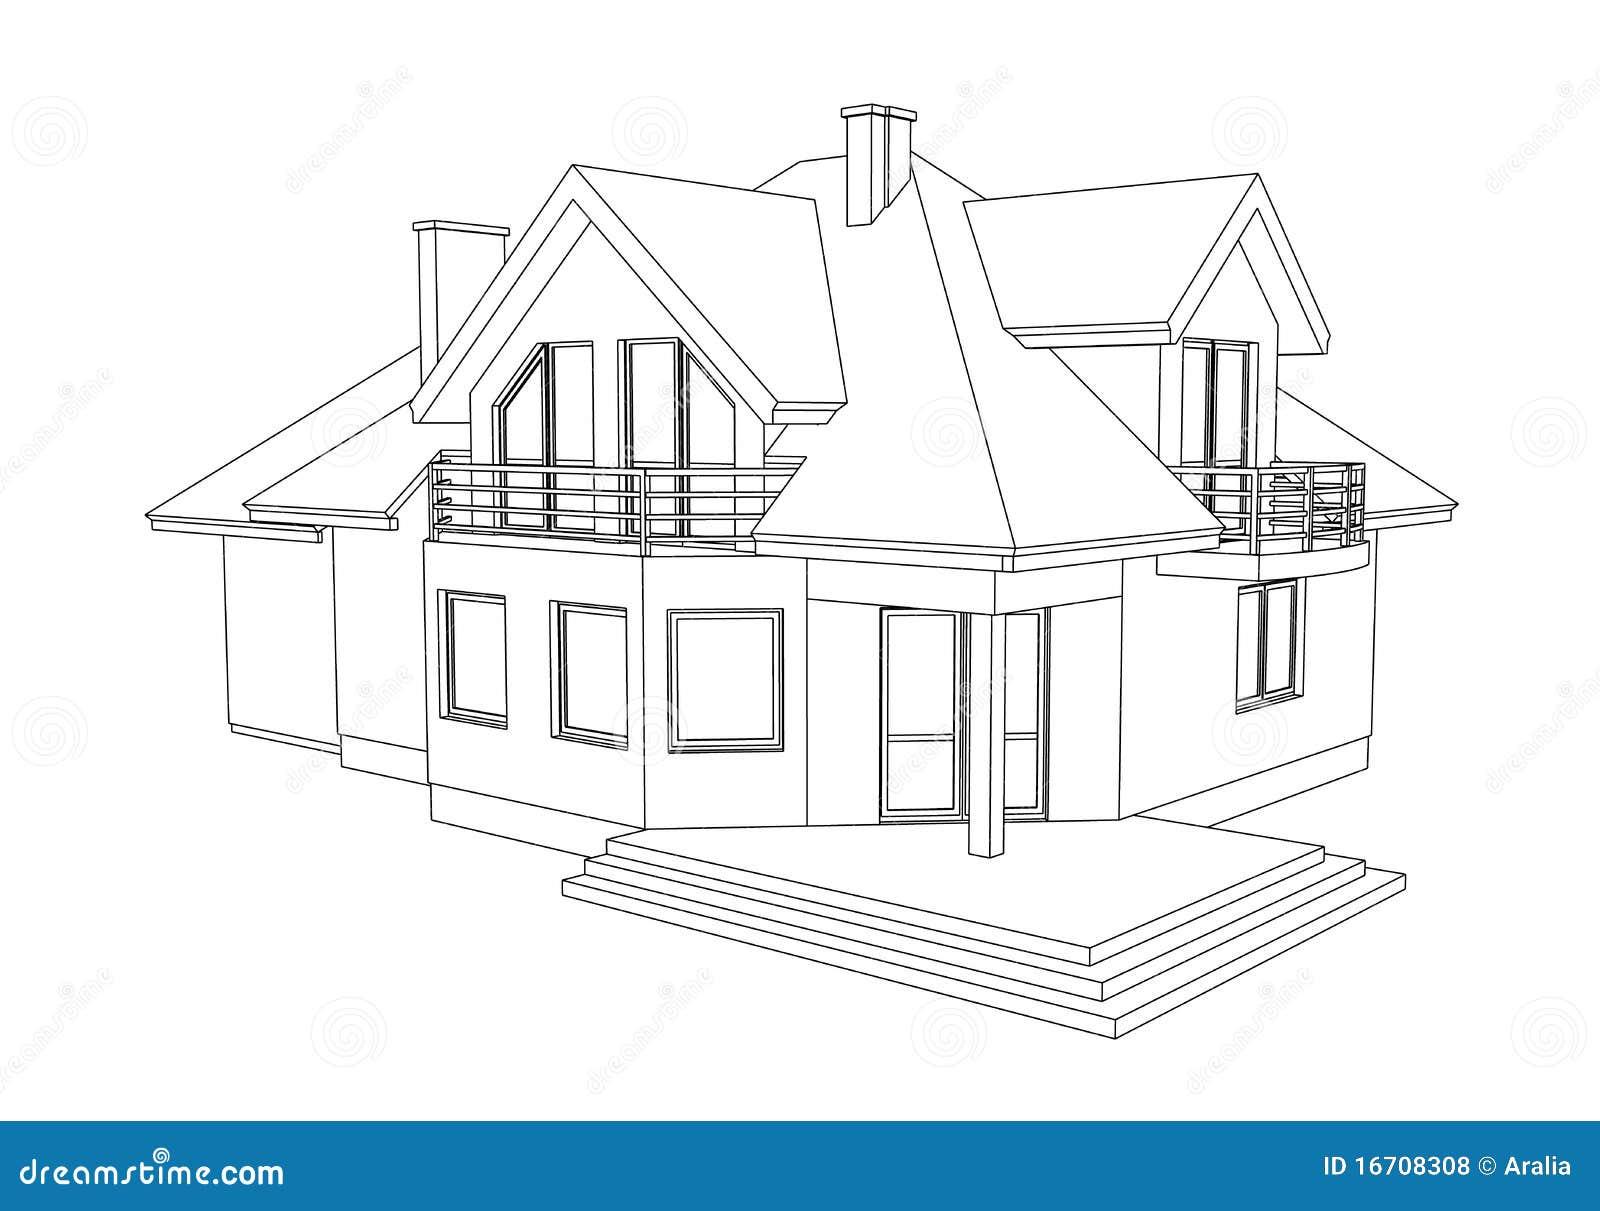 Verwonderlijk Tekening van een huis stock illustratie. Illustratie bestaande uit TL-04